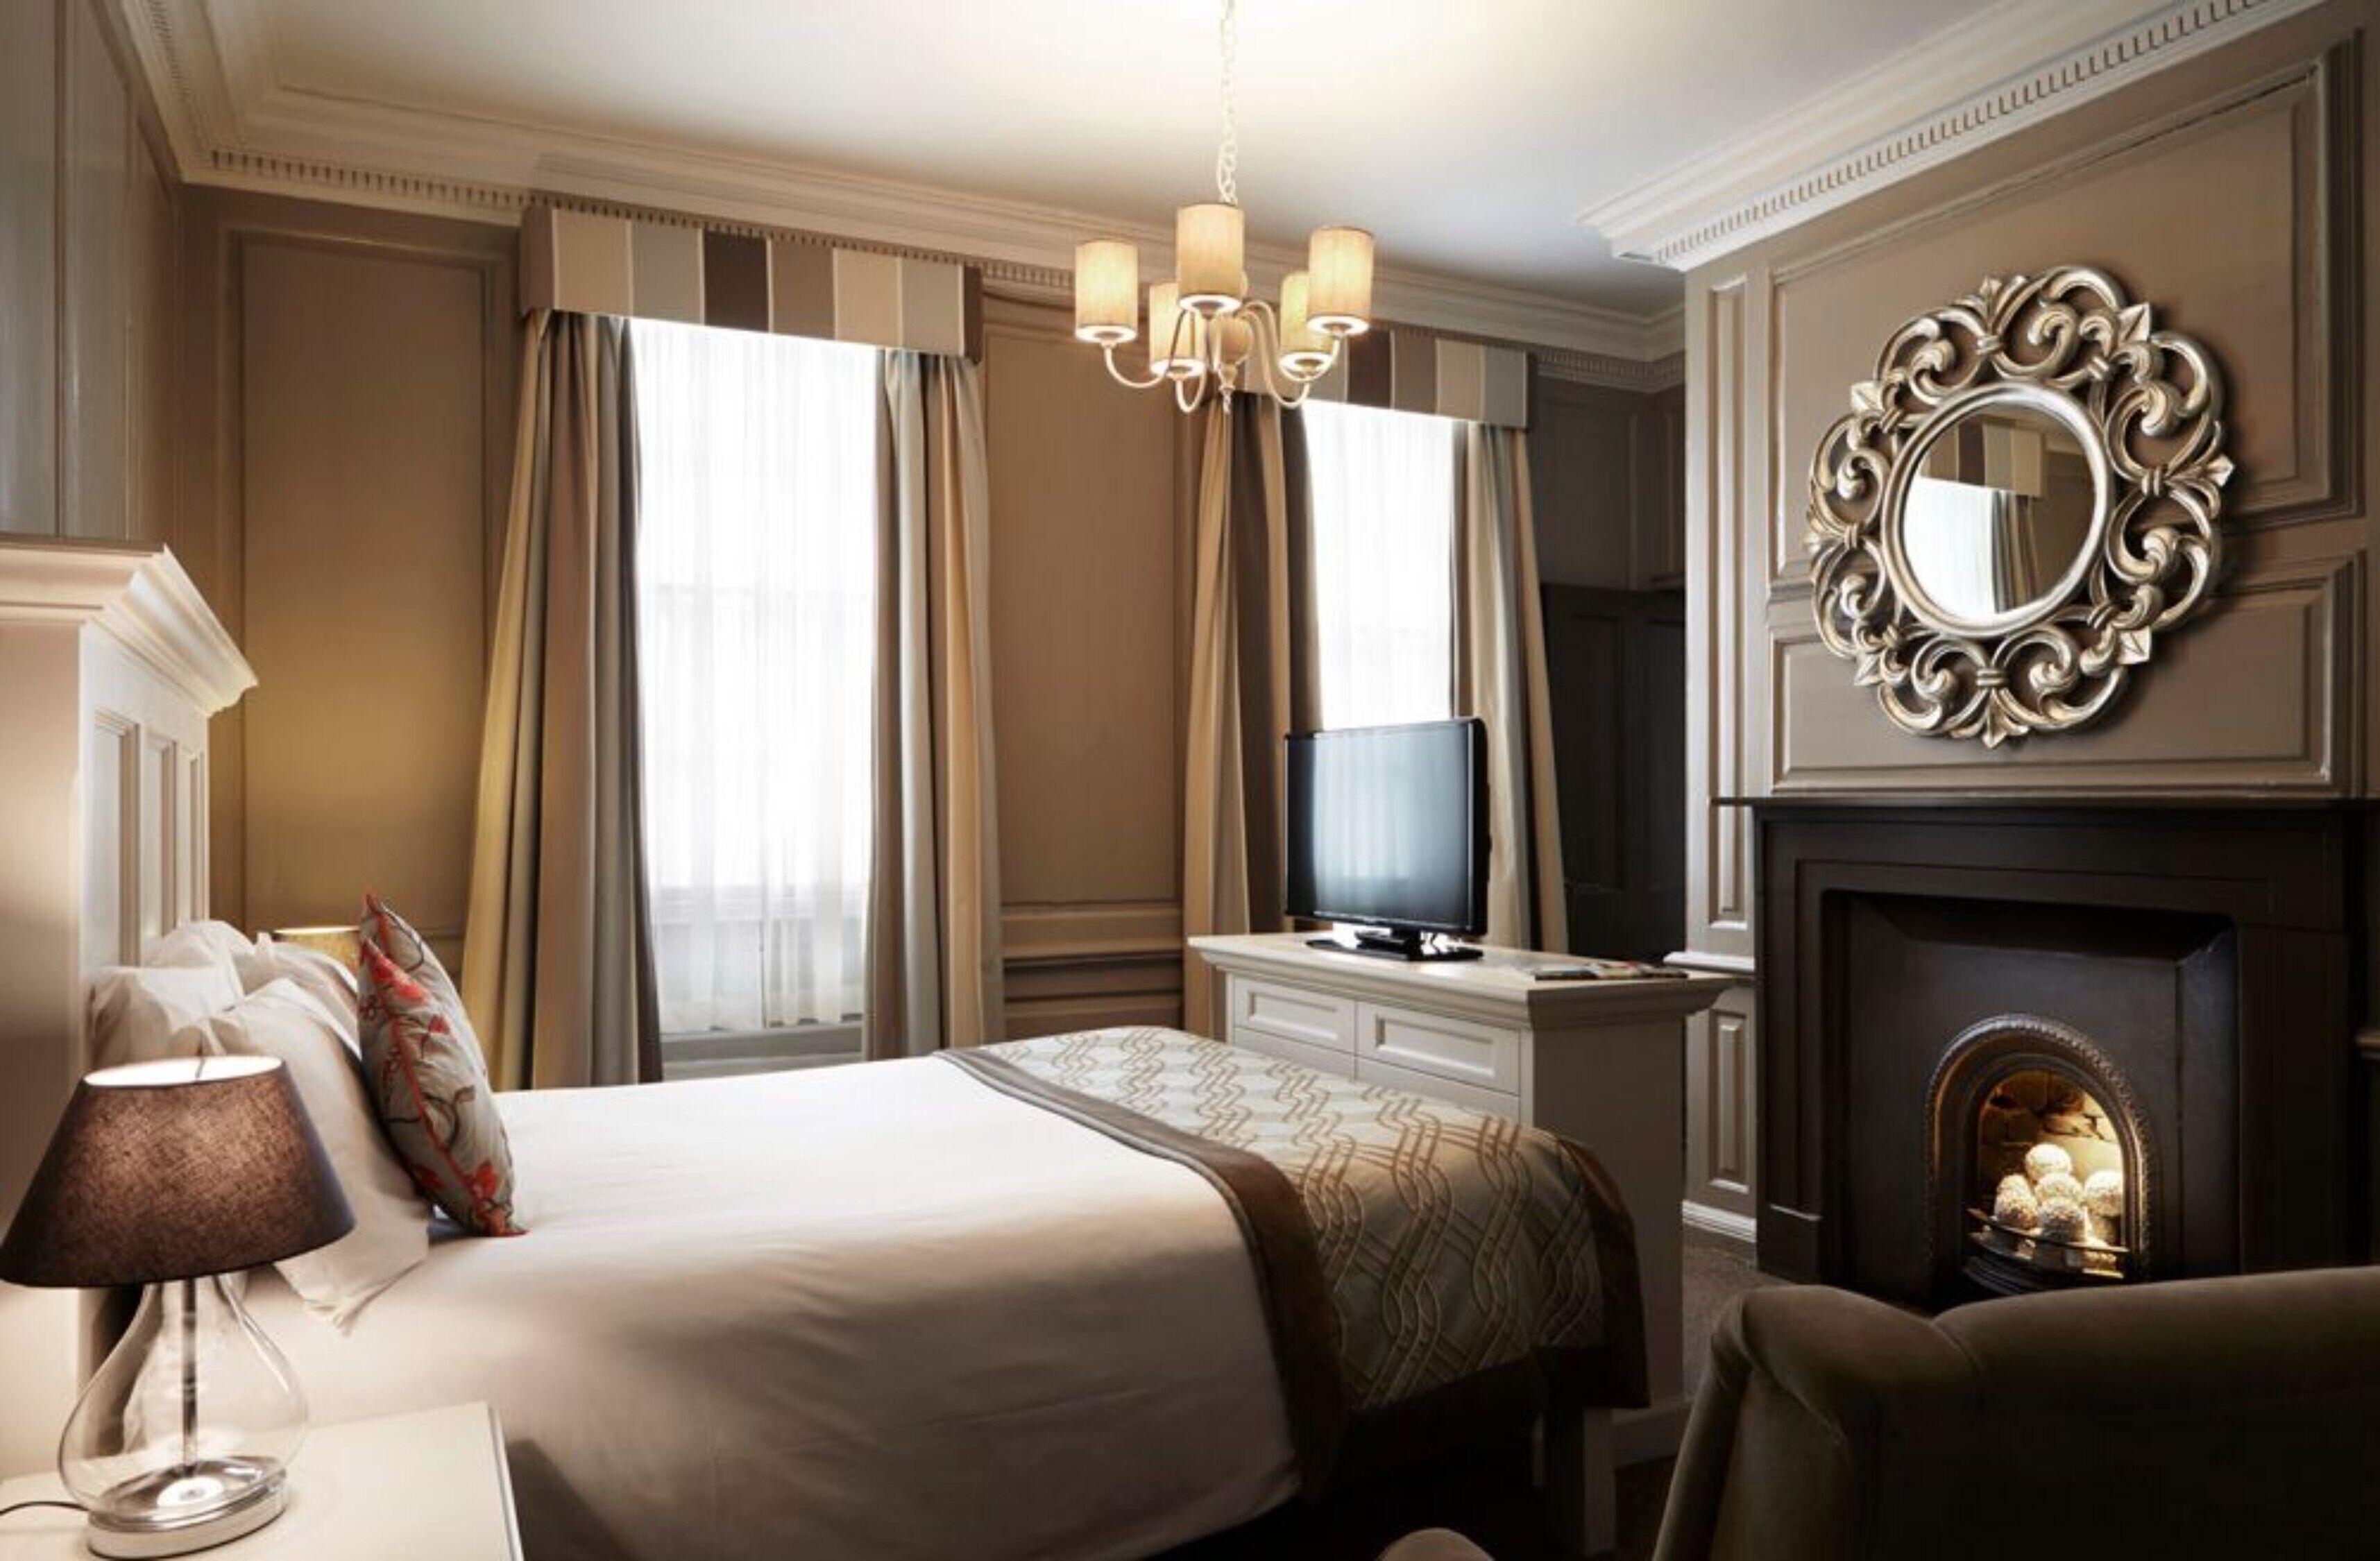 Courtesy of Vanbrugh House Hotel / Expedia